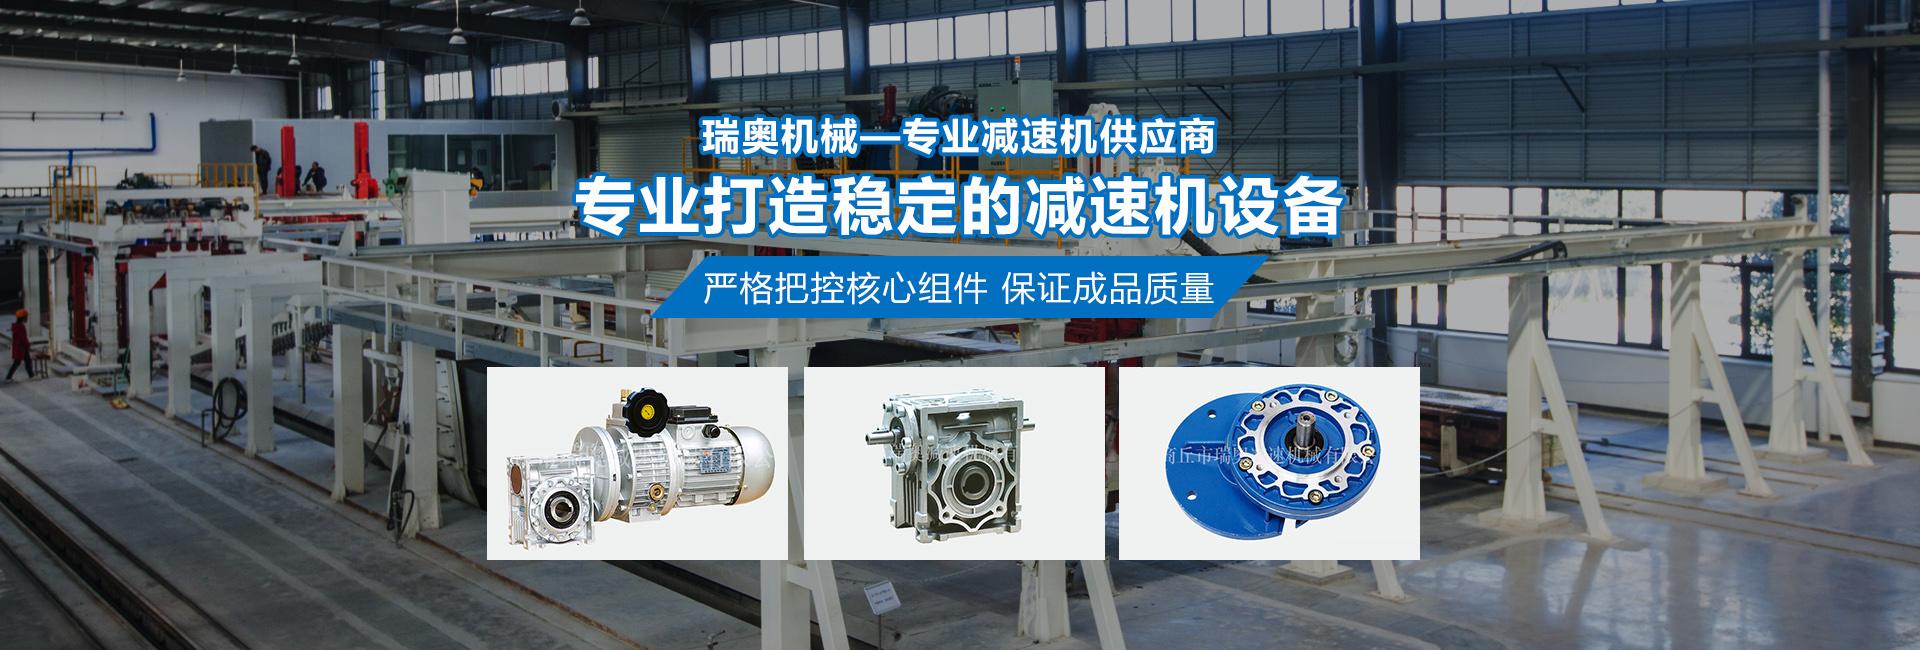 減速機生產,齒輪減速機廠家,蝸輪蝸桿減速機廠家